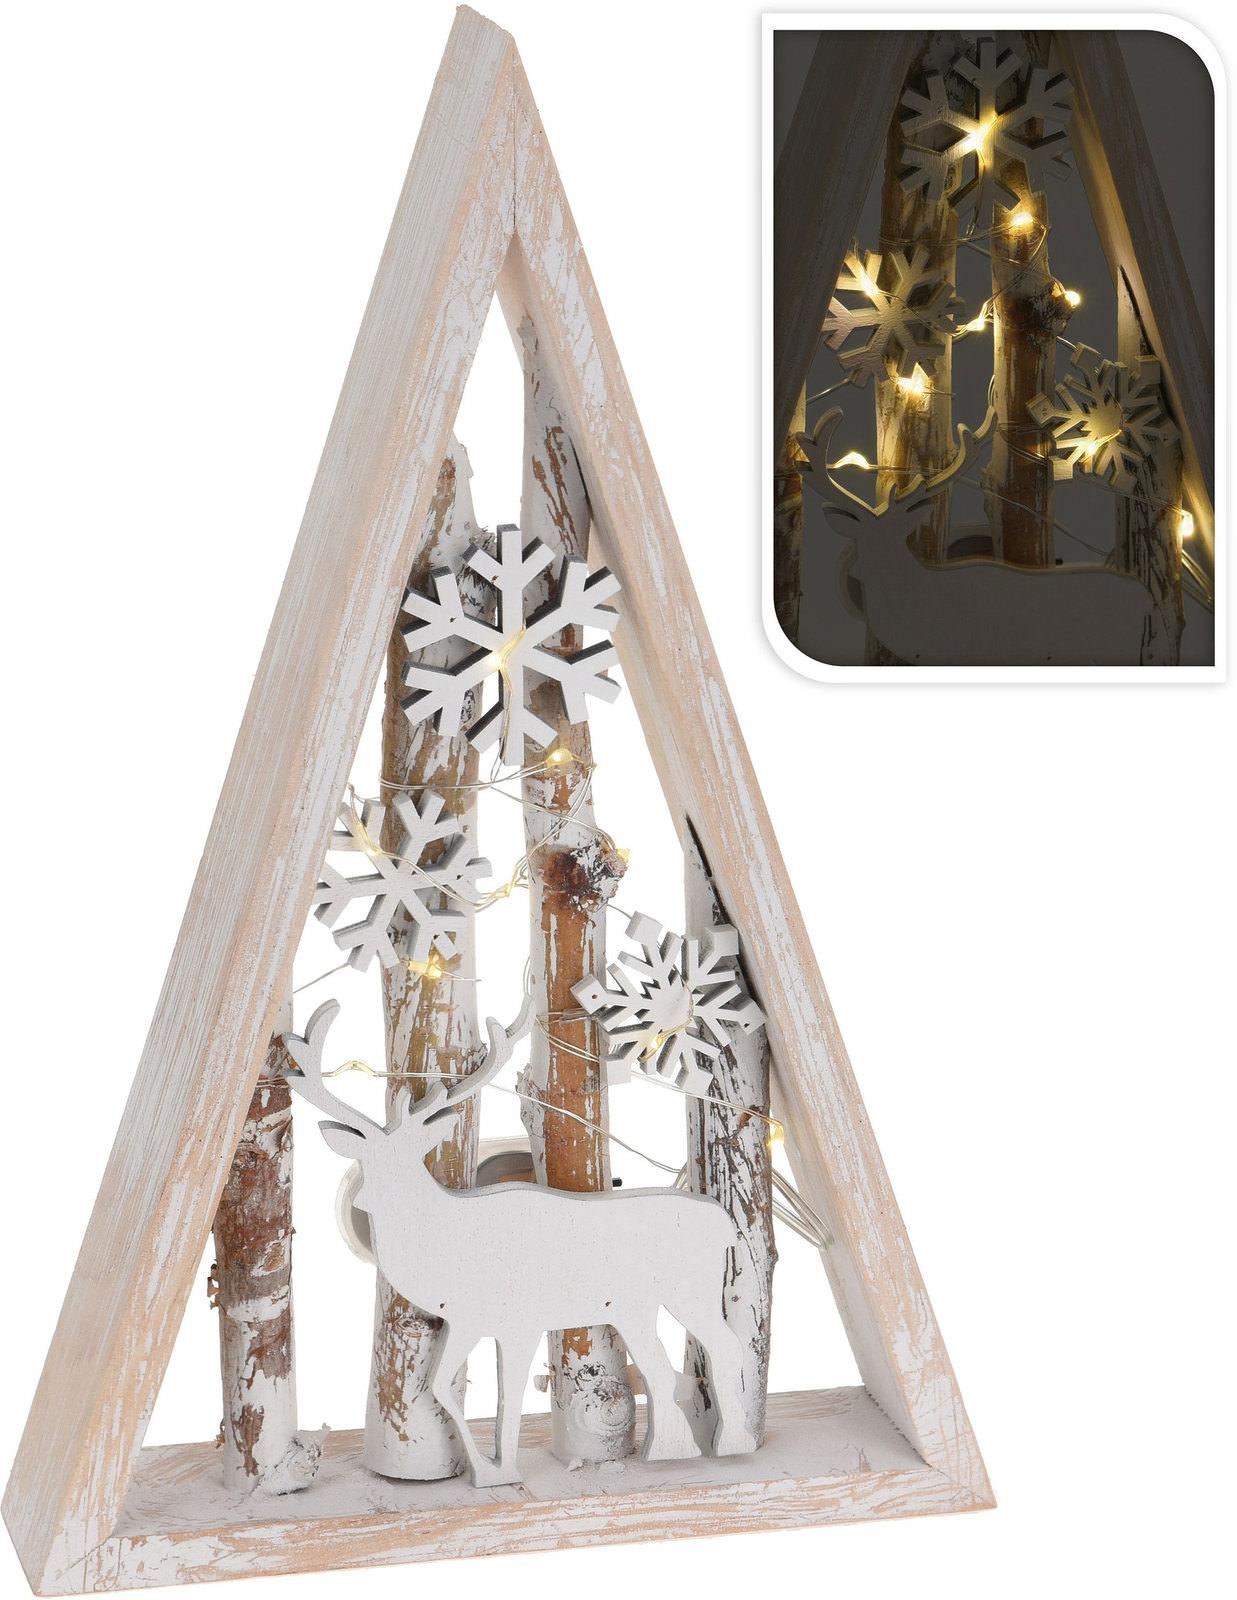 Weihnachtsszene online entdecken | Schaffrath - Ihr Möbelhaus